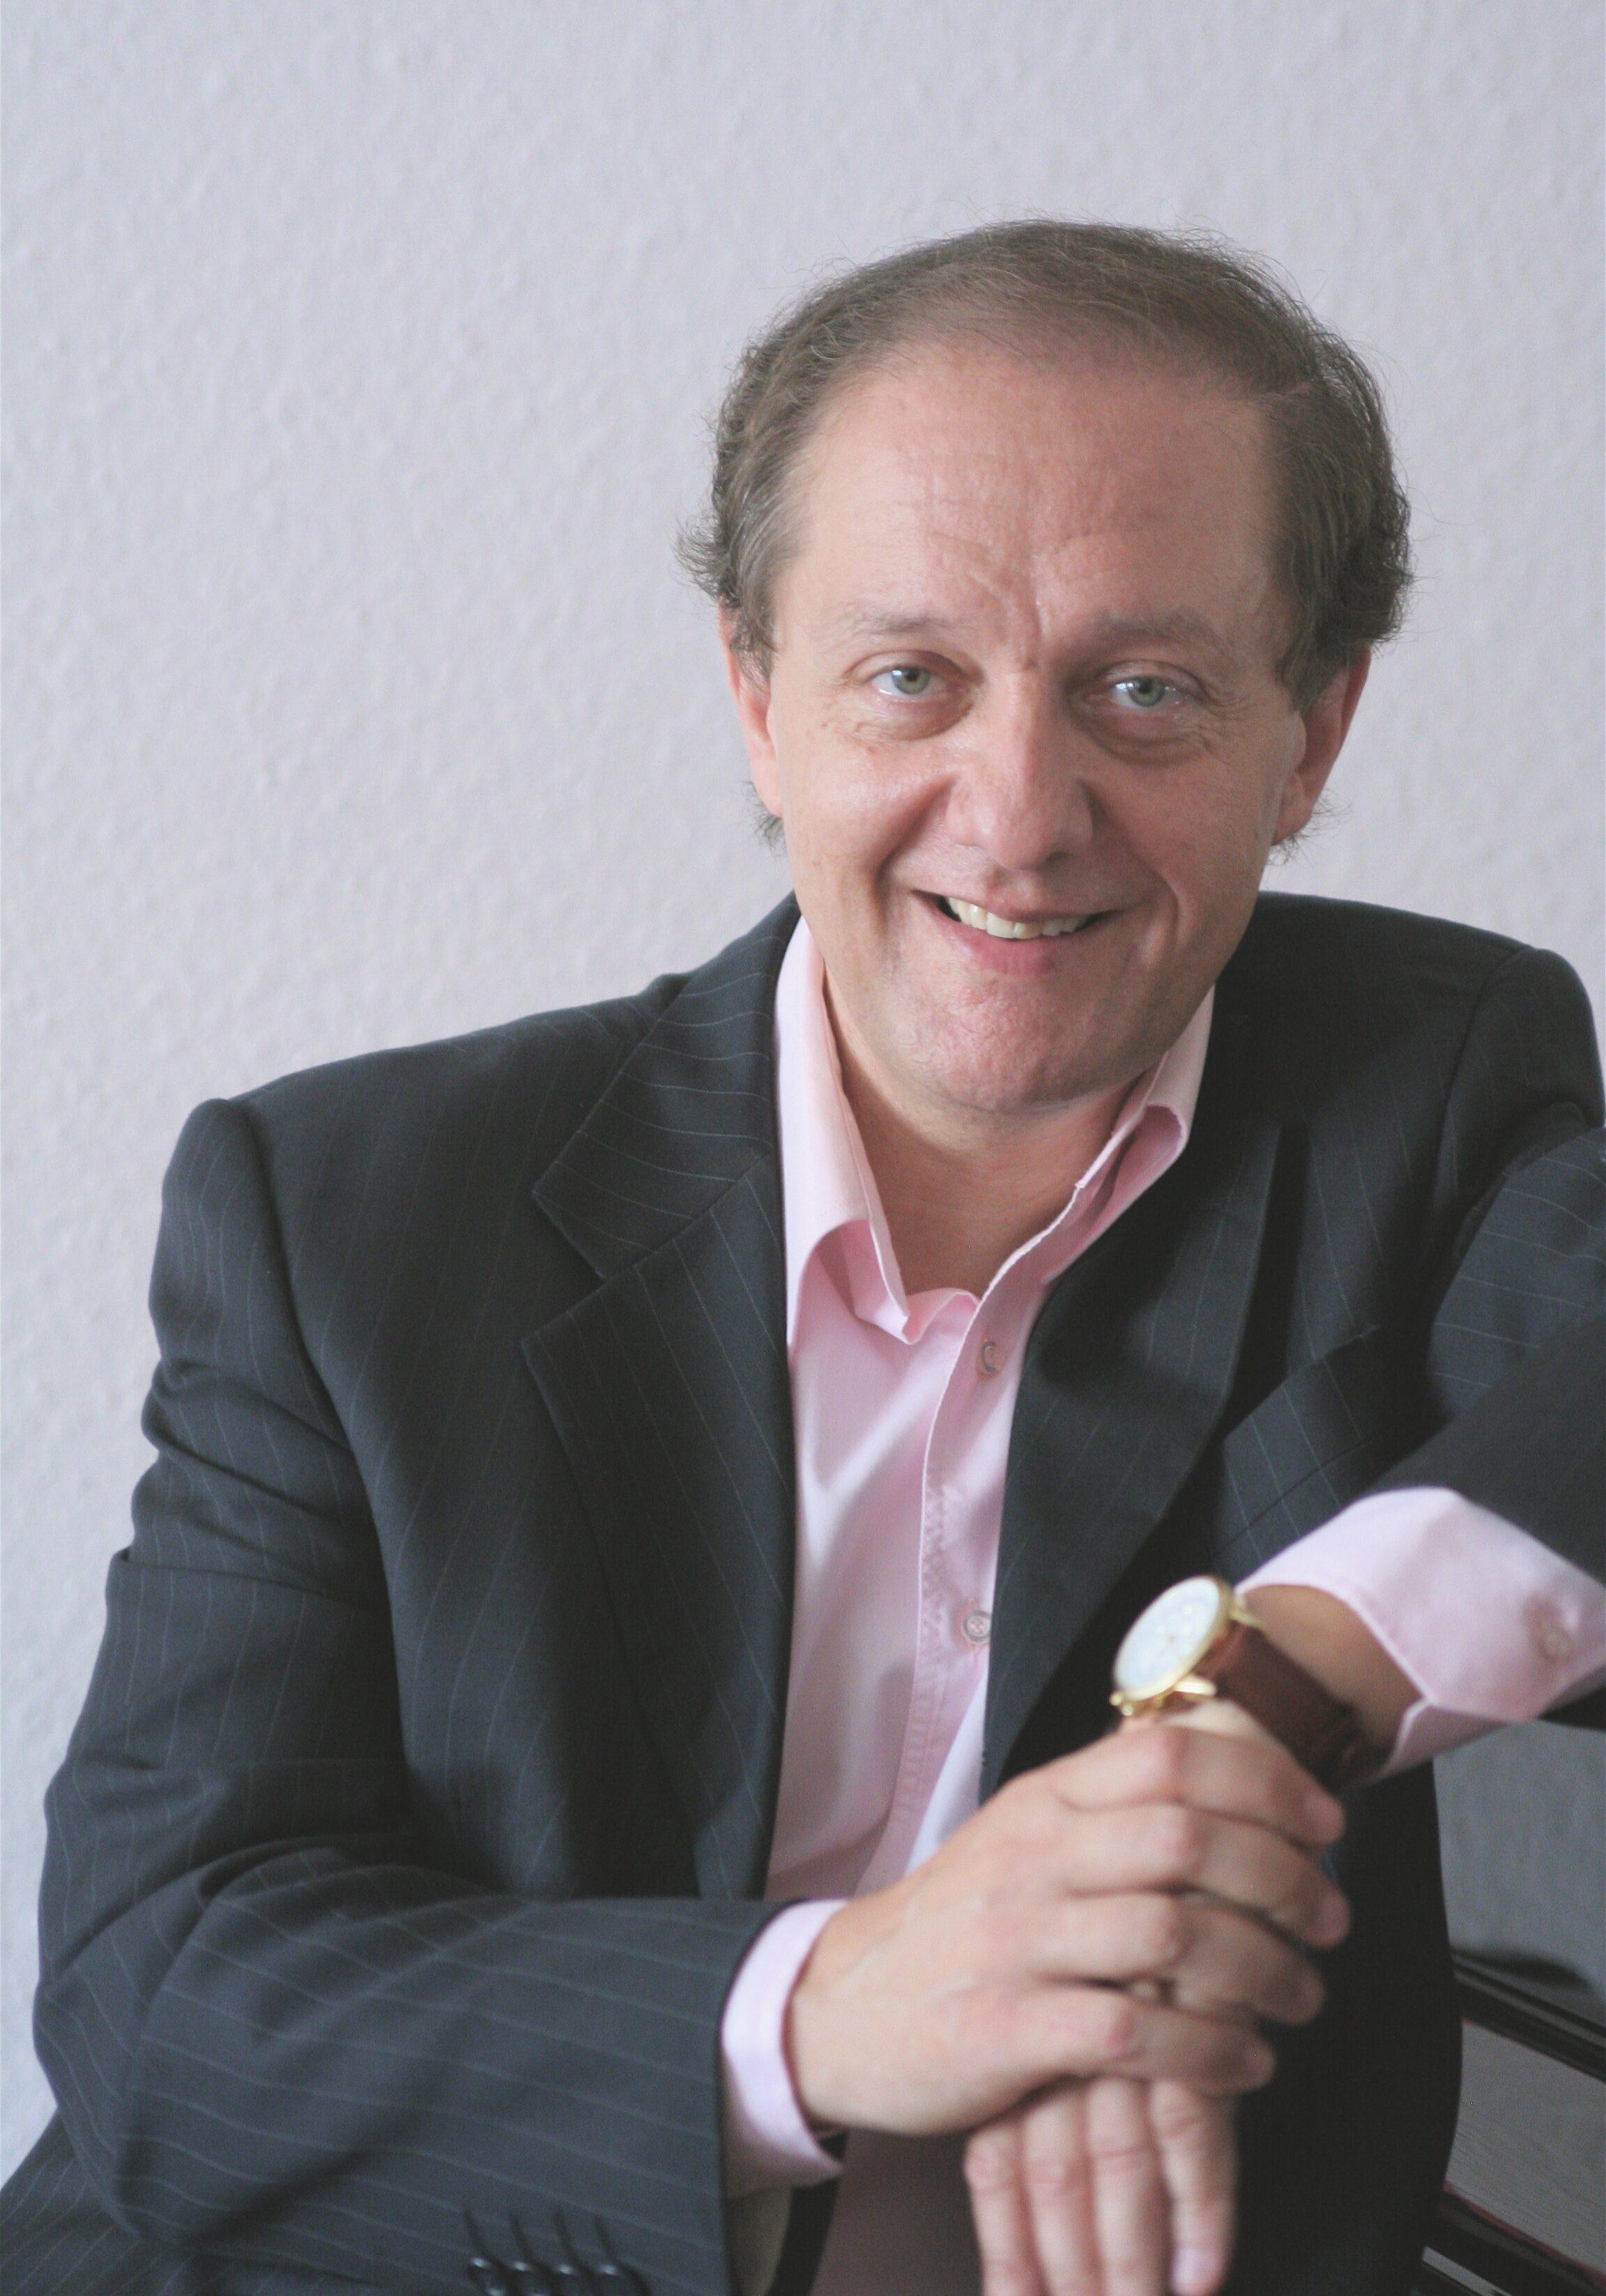 Julius Horvath